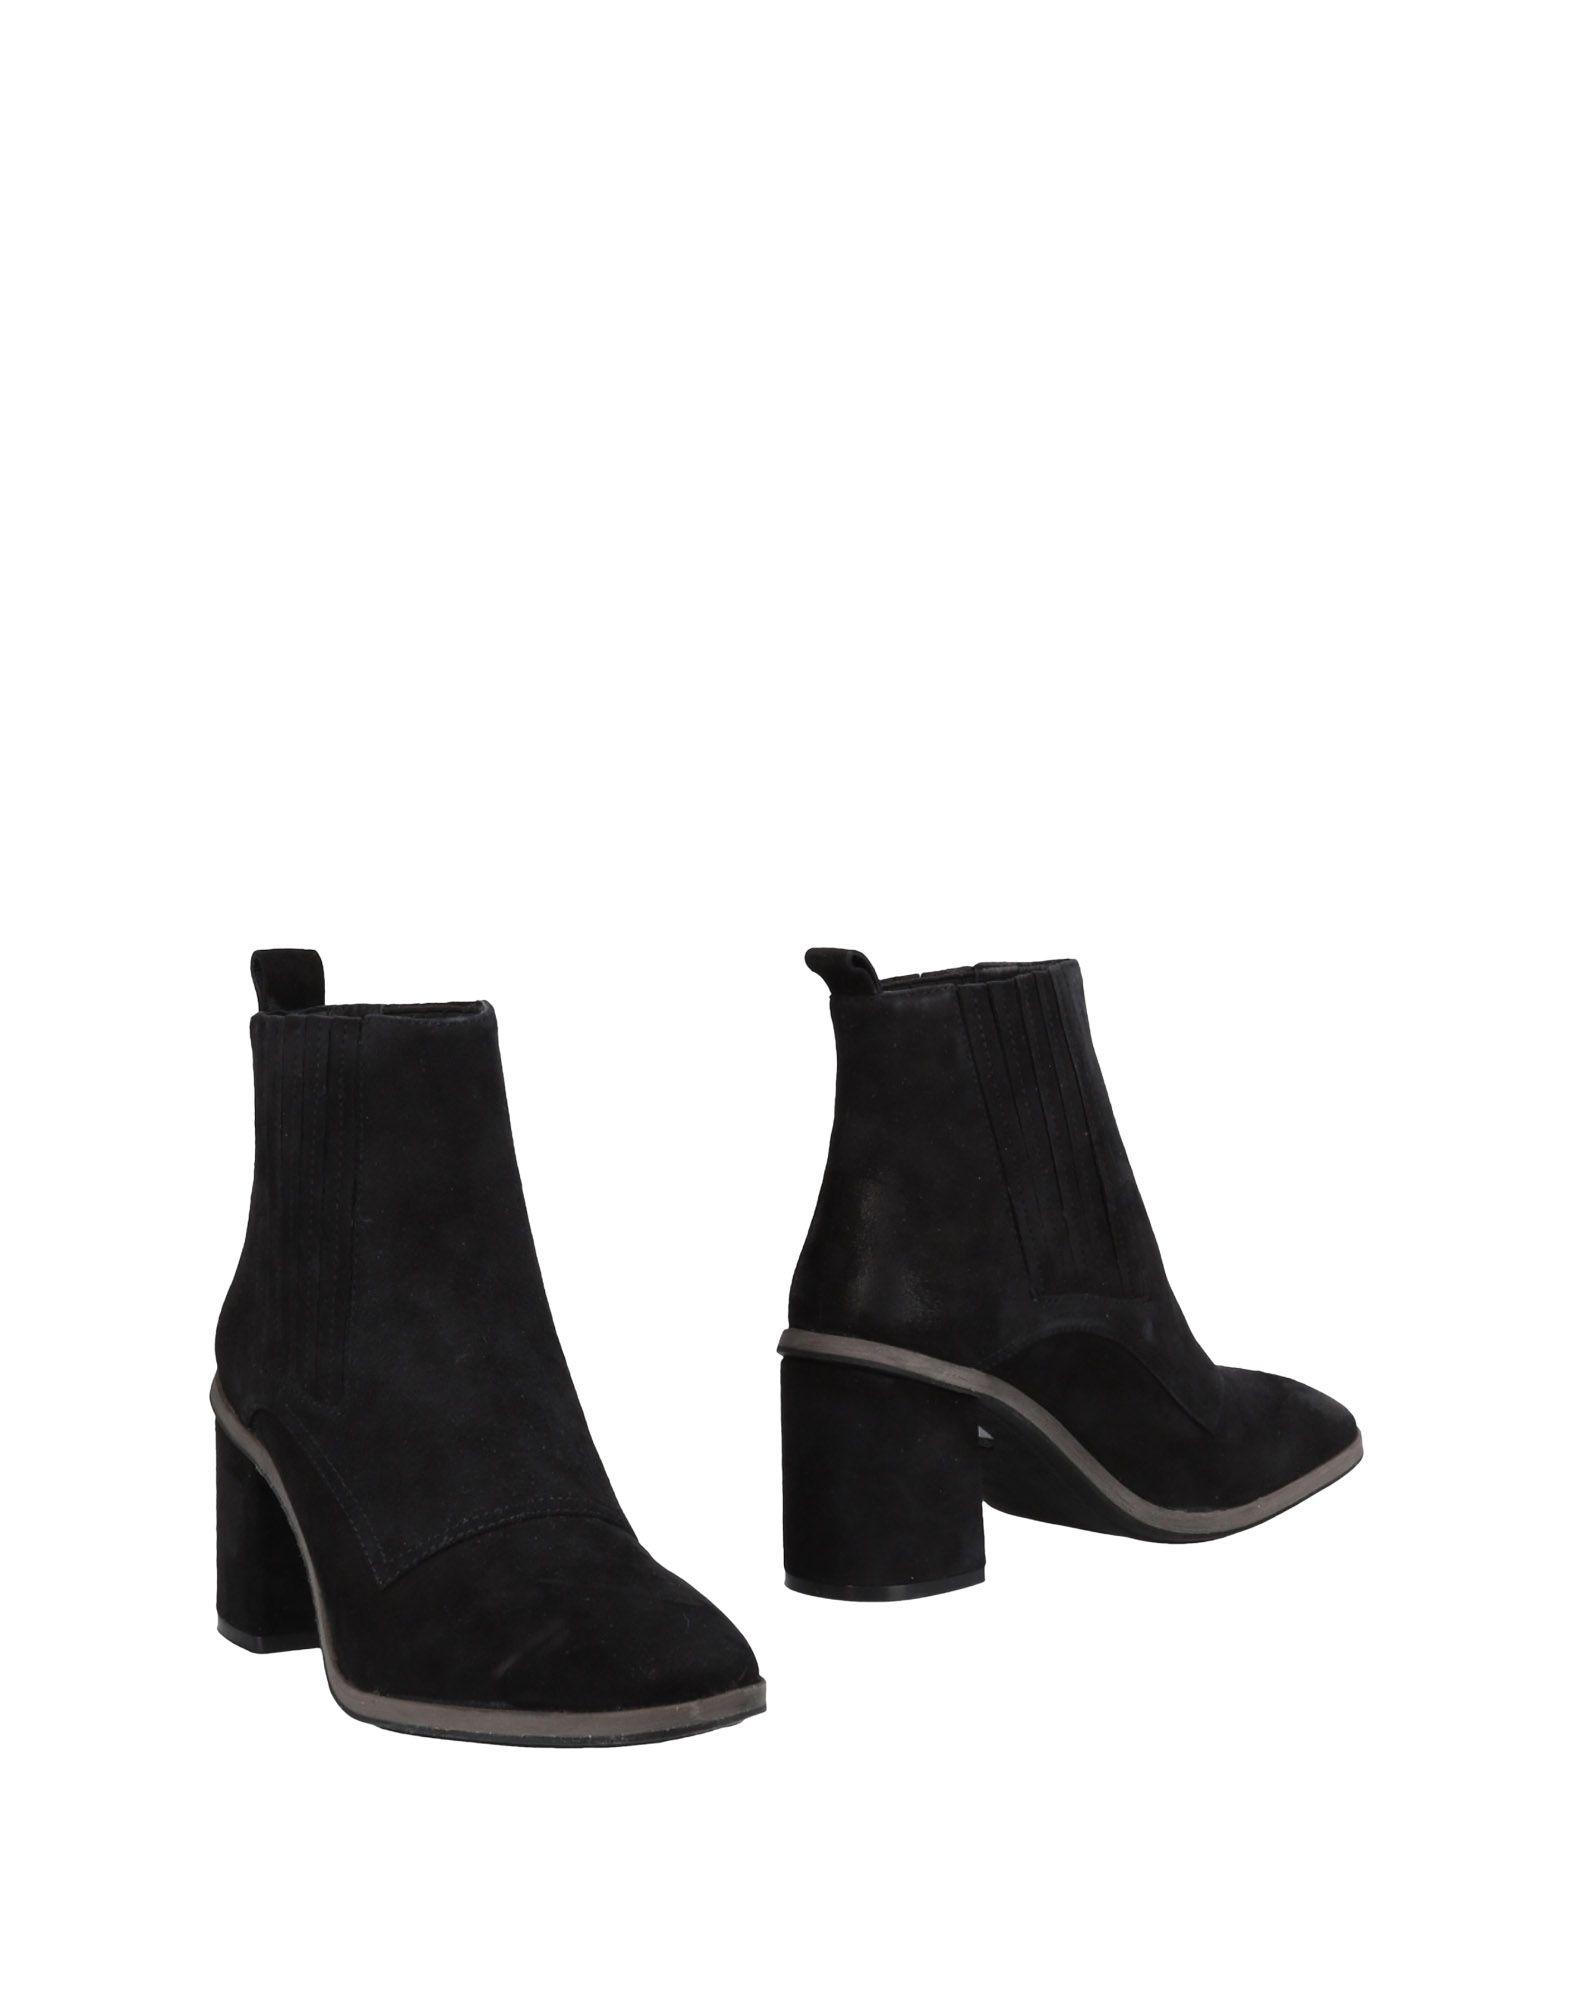 Etwob Stiefelette Damen  11483747XL Gute Qualität beliebte Schuhe